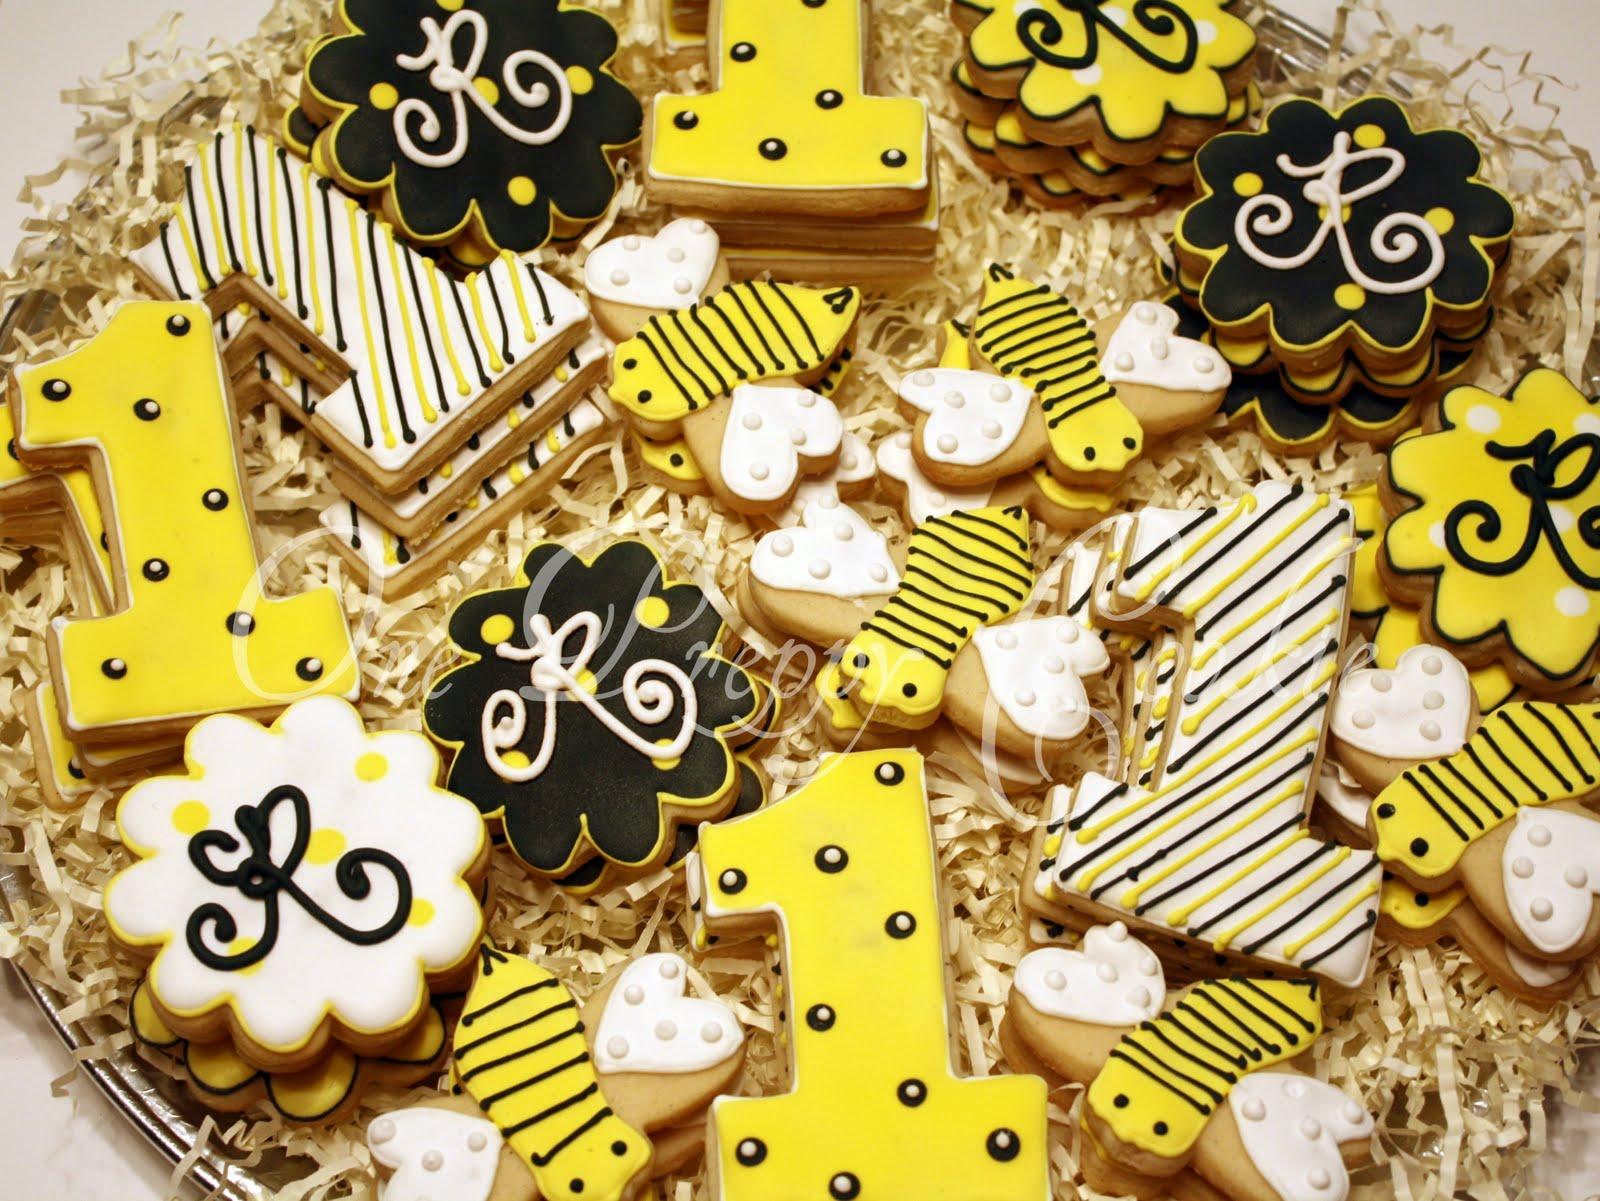 http://1.bp.blogspot.com/-h5VwrWlIMjA/TsuMPuiJwzI/AAAAAAAAAy4/95ESkLWy4-4/s1600/bees.jpg